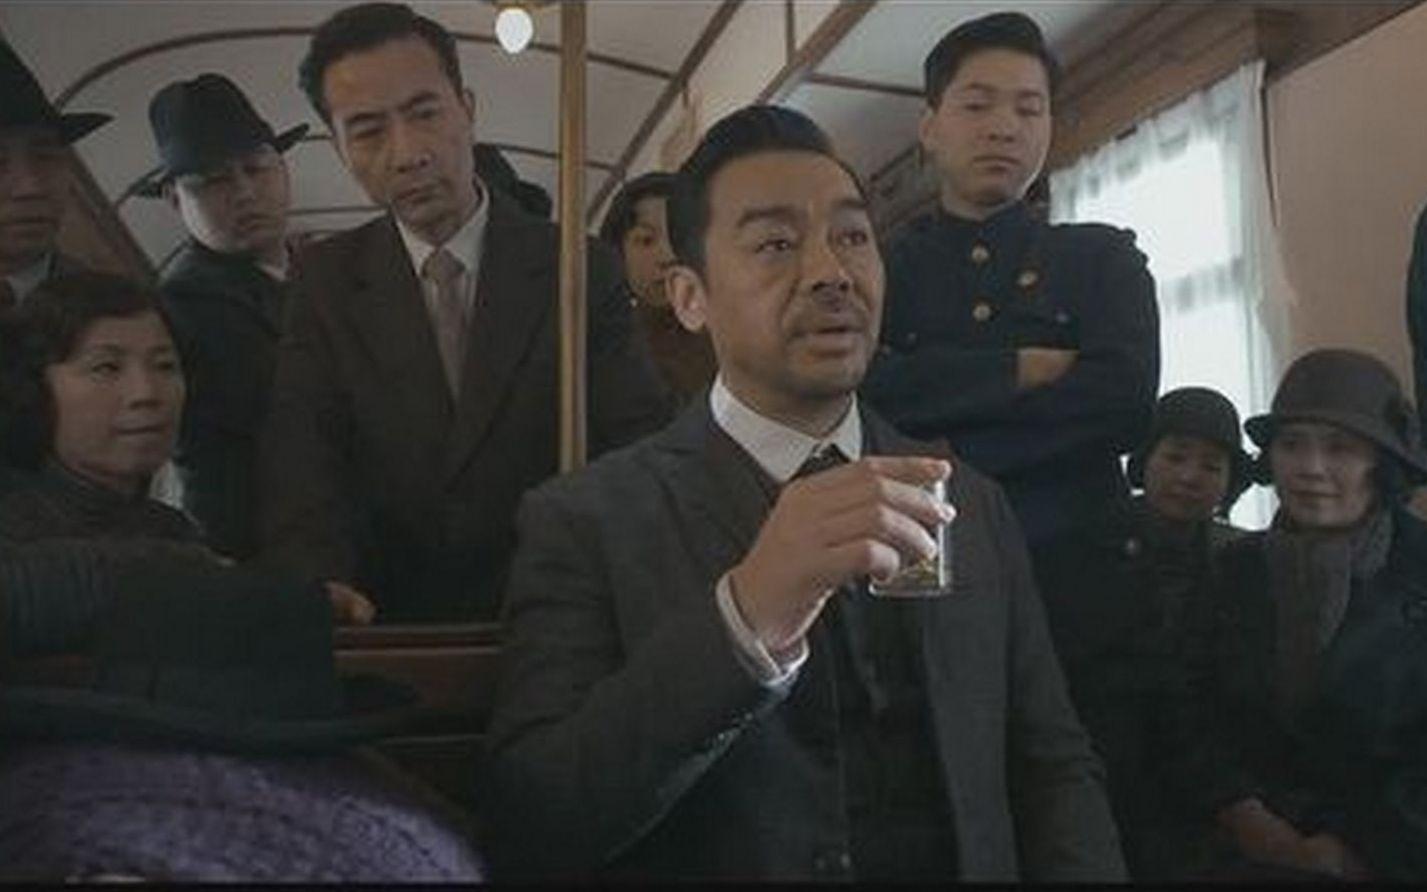 果然是一个完美的计划,如果刘青云不自首没人知道他是罪犯